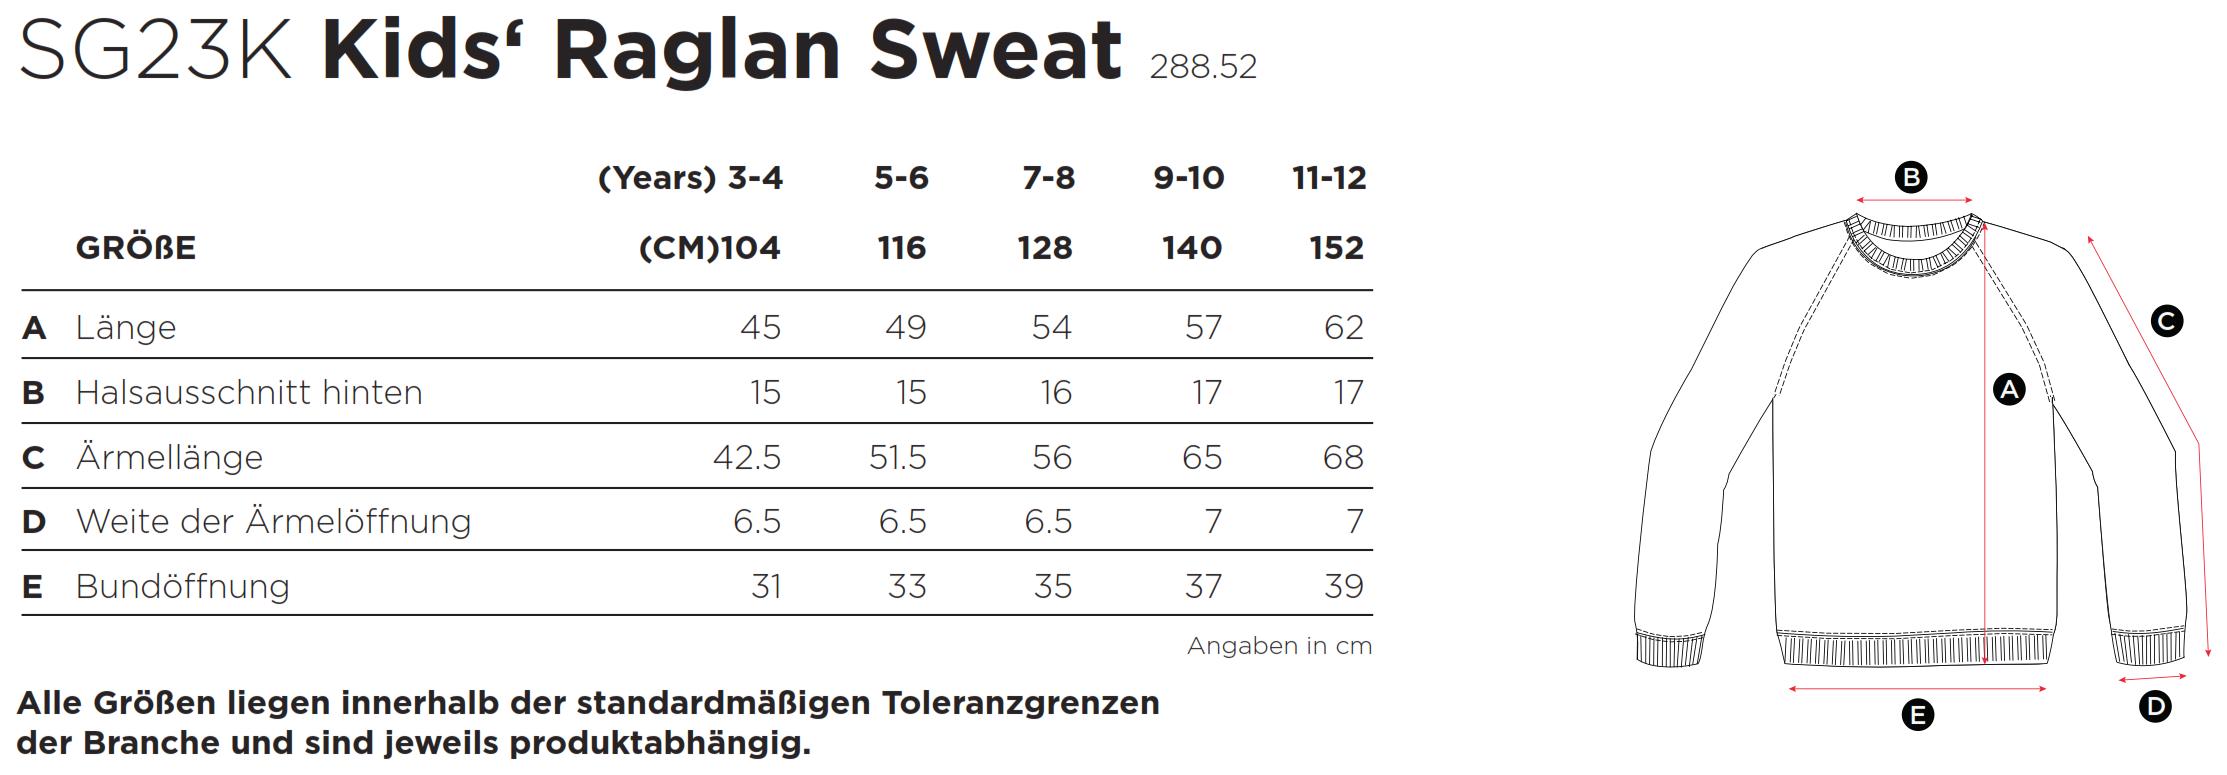 SG: Kids` Raglan Sweat SG23K